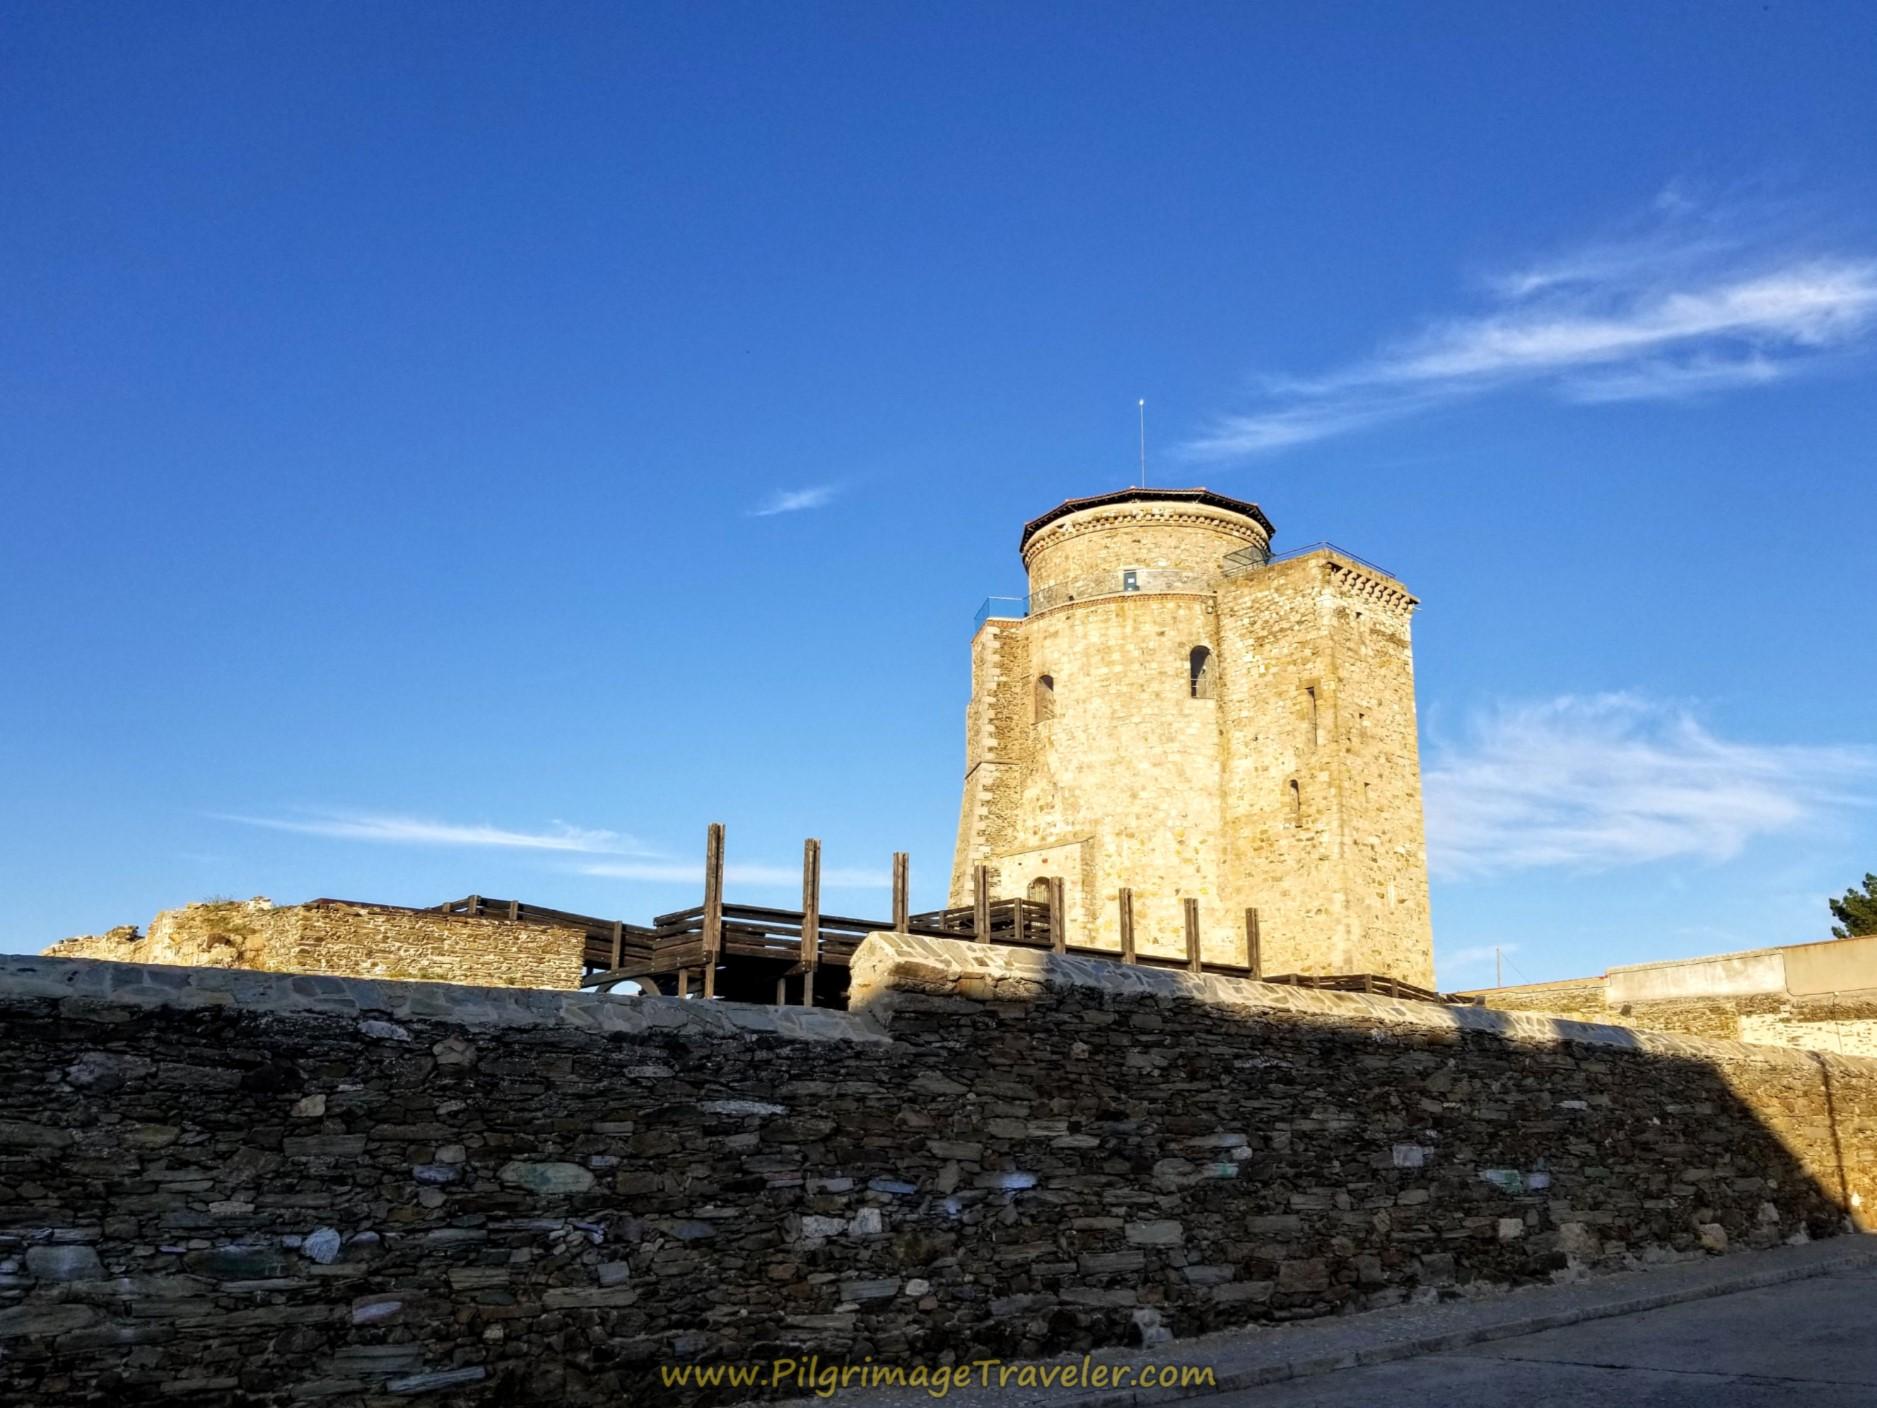 Castillo-Palacio de los Duques de Alba, Alba de Tormes